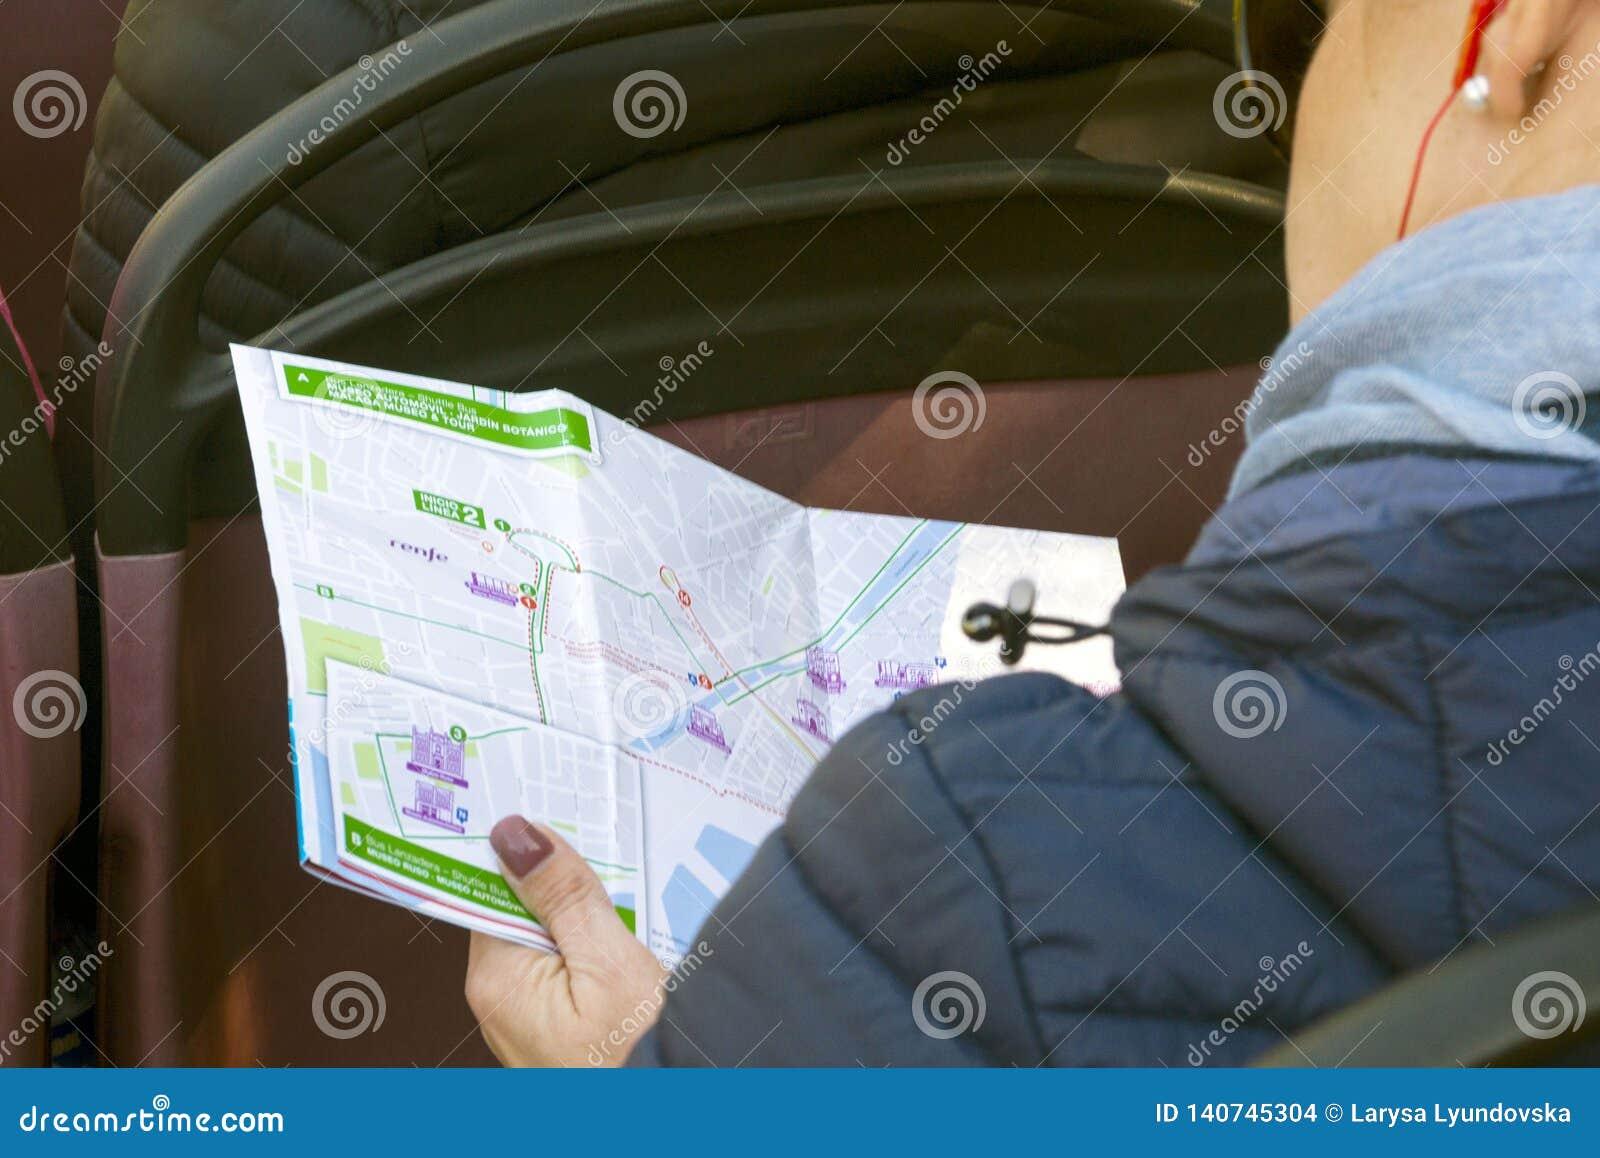 Dziewczyna siedzi w wycieczce autobusowej, słucha opowieść przewdonik i rozważa mapę Malaga, jest ubranym hełmofony,